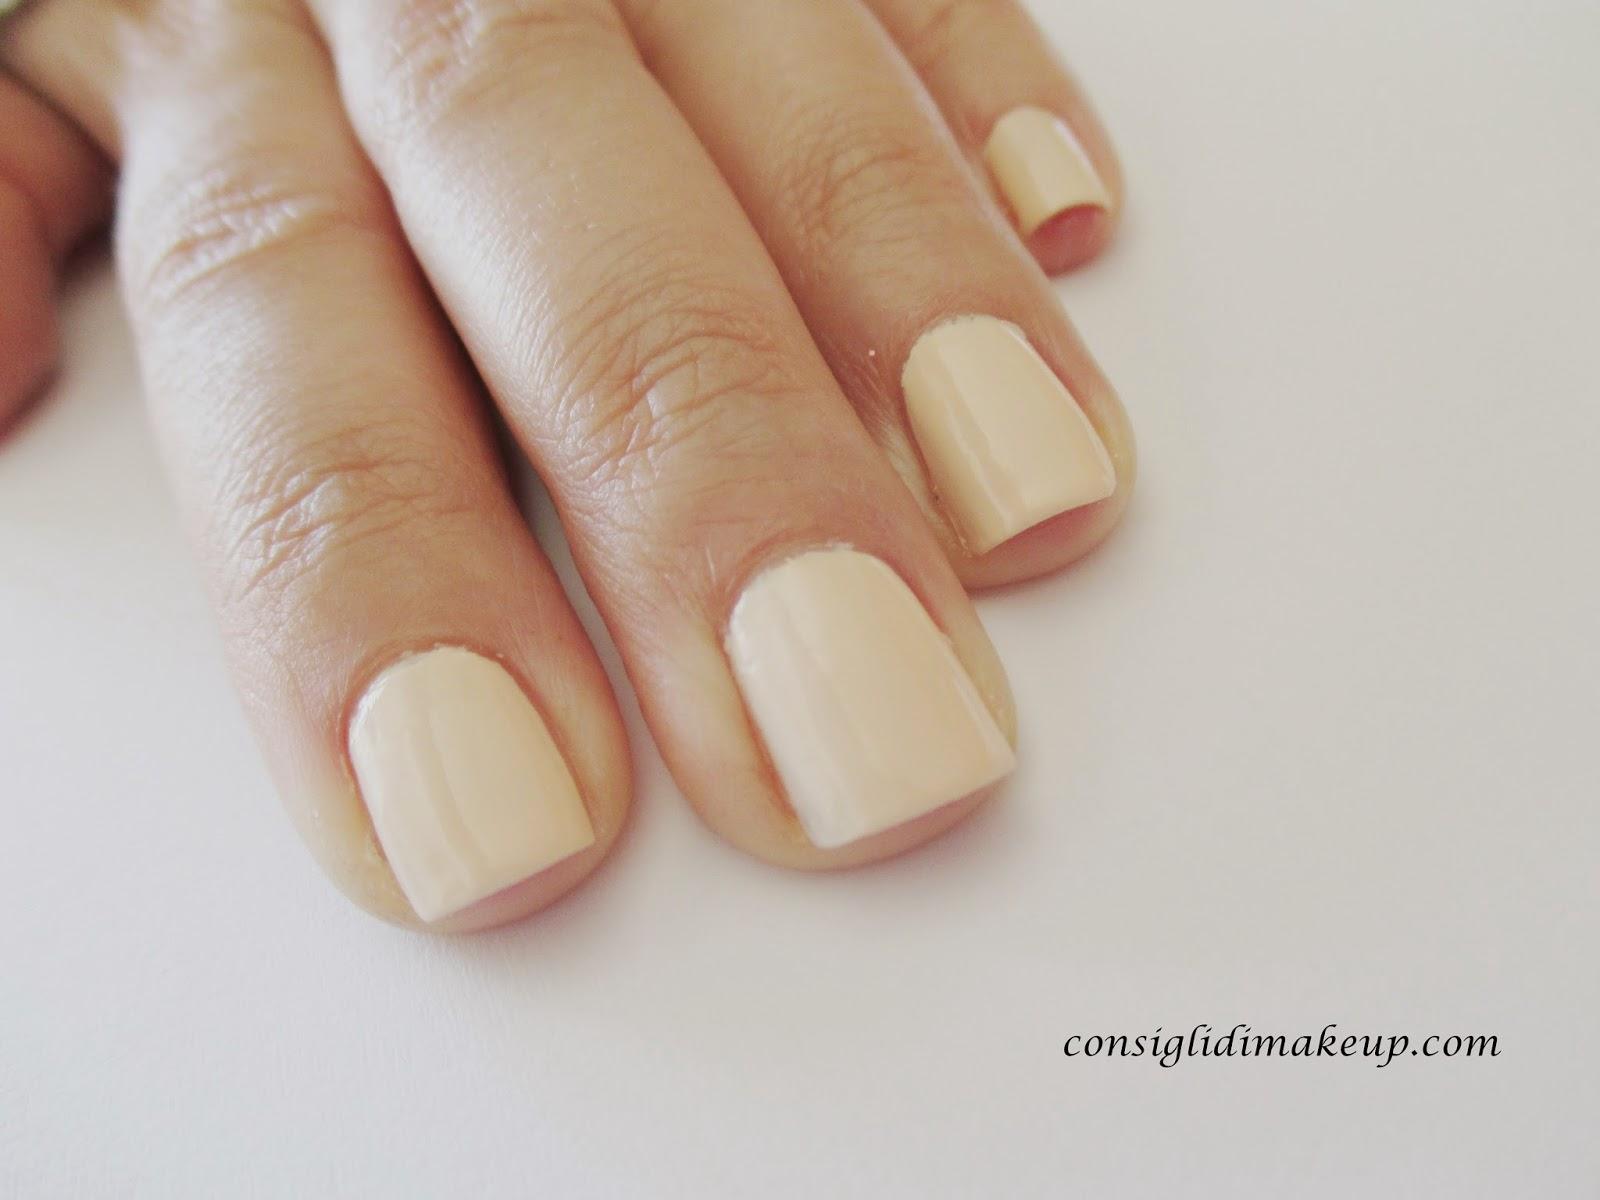 nail art semplice senza